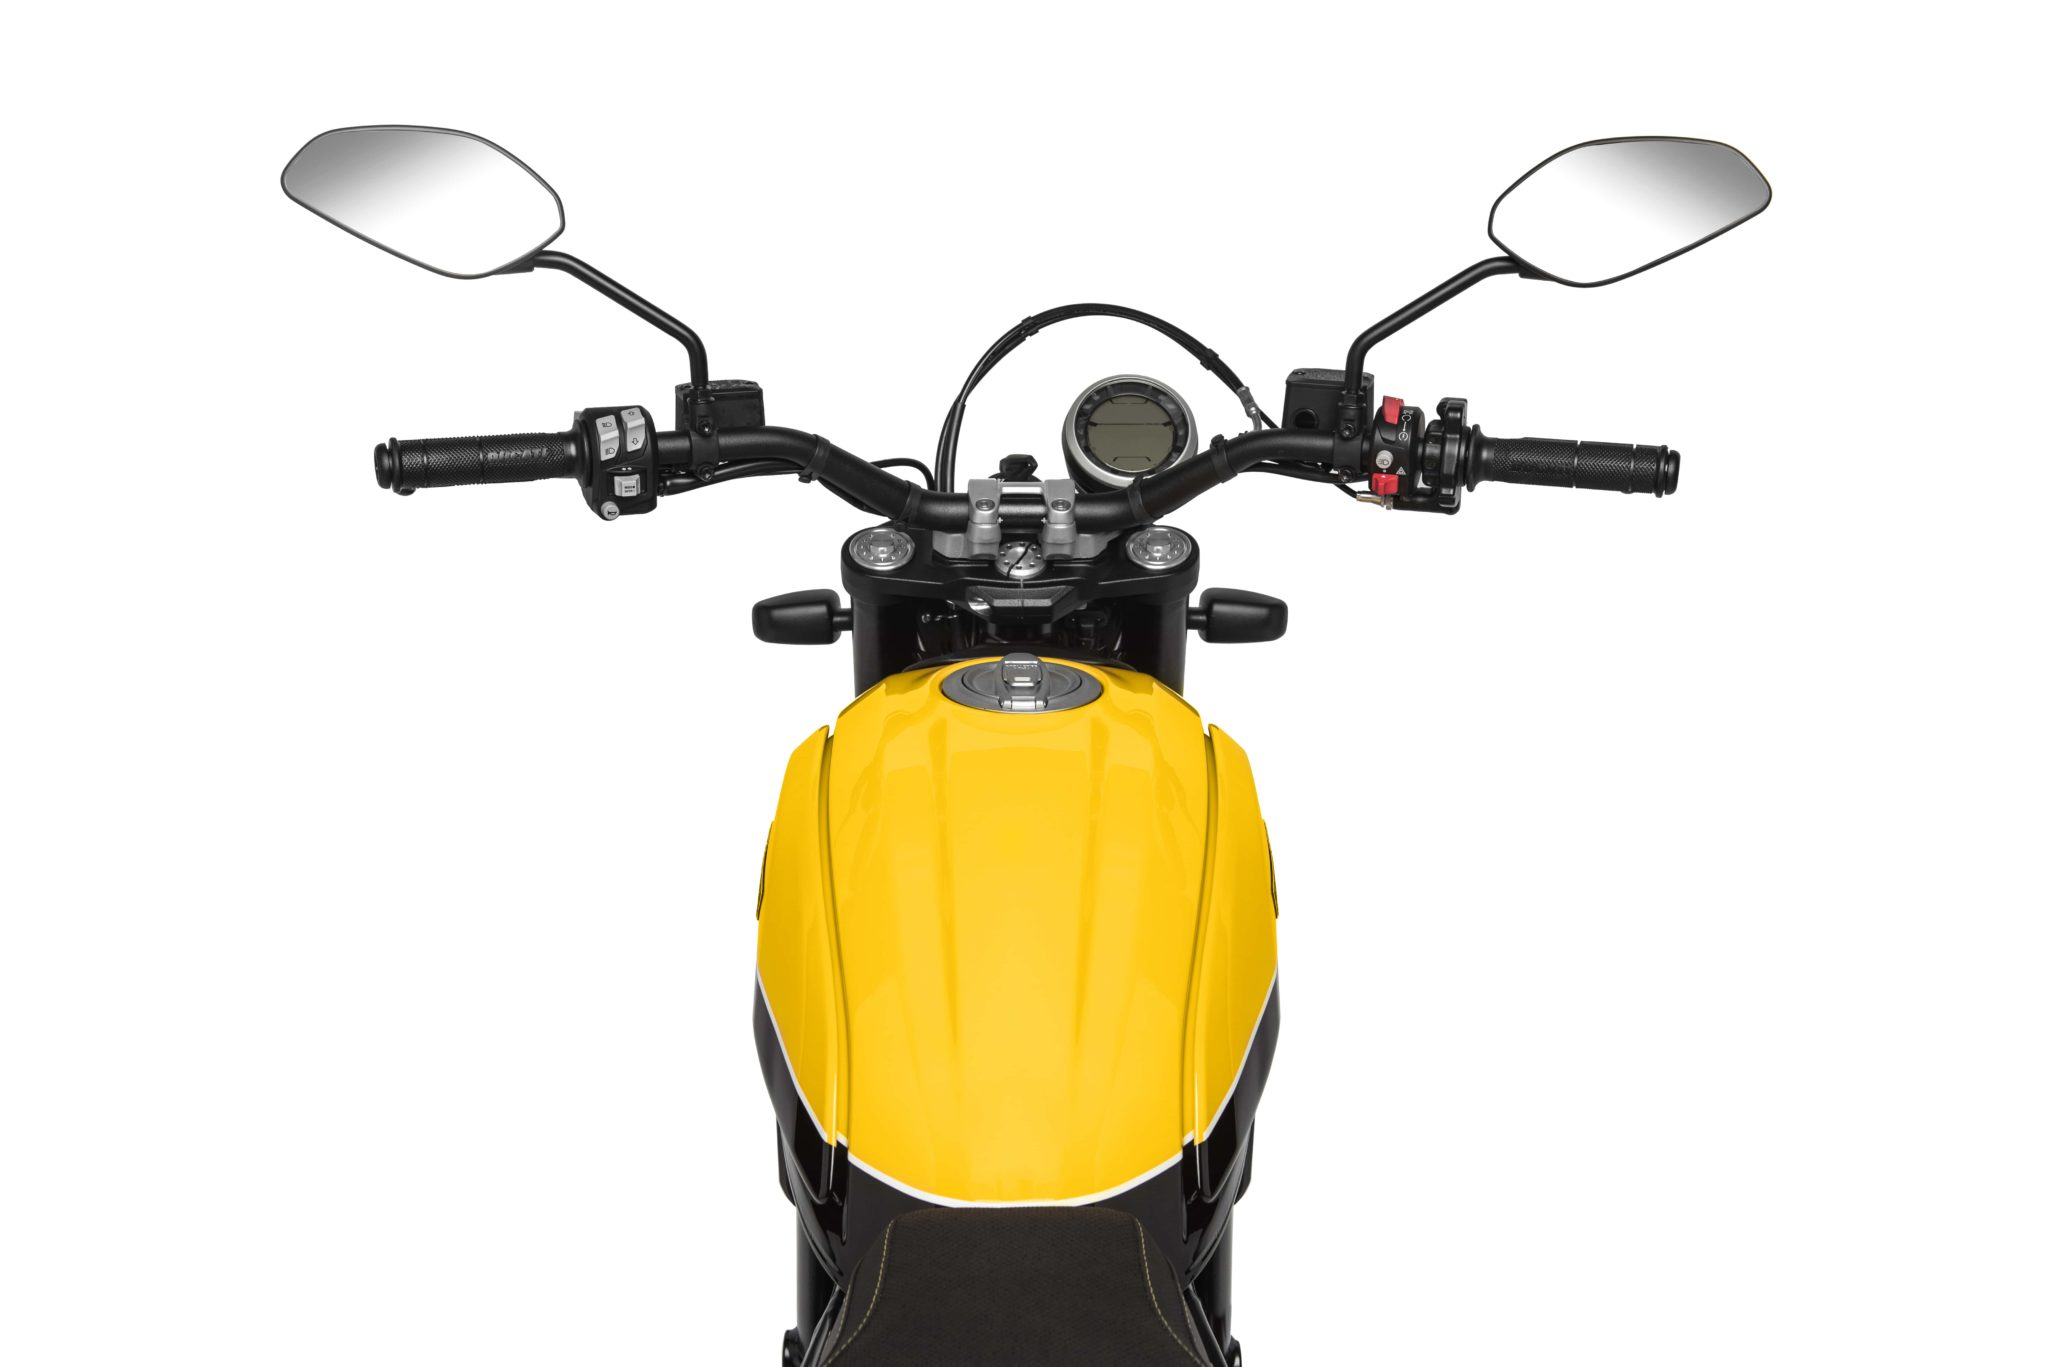 Ducati Scrambler Full Throttle handlebar view